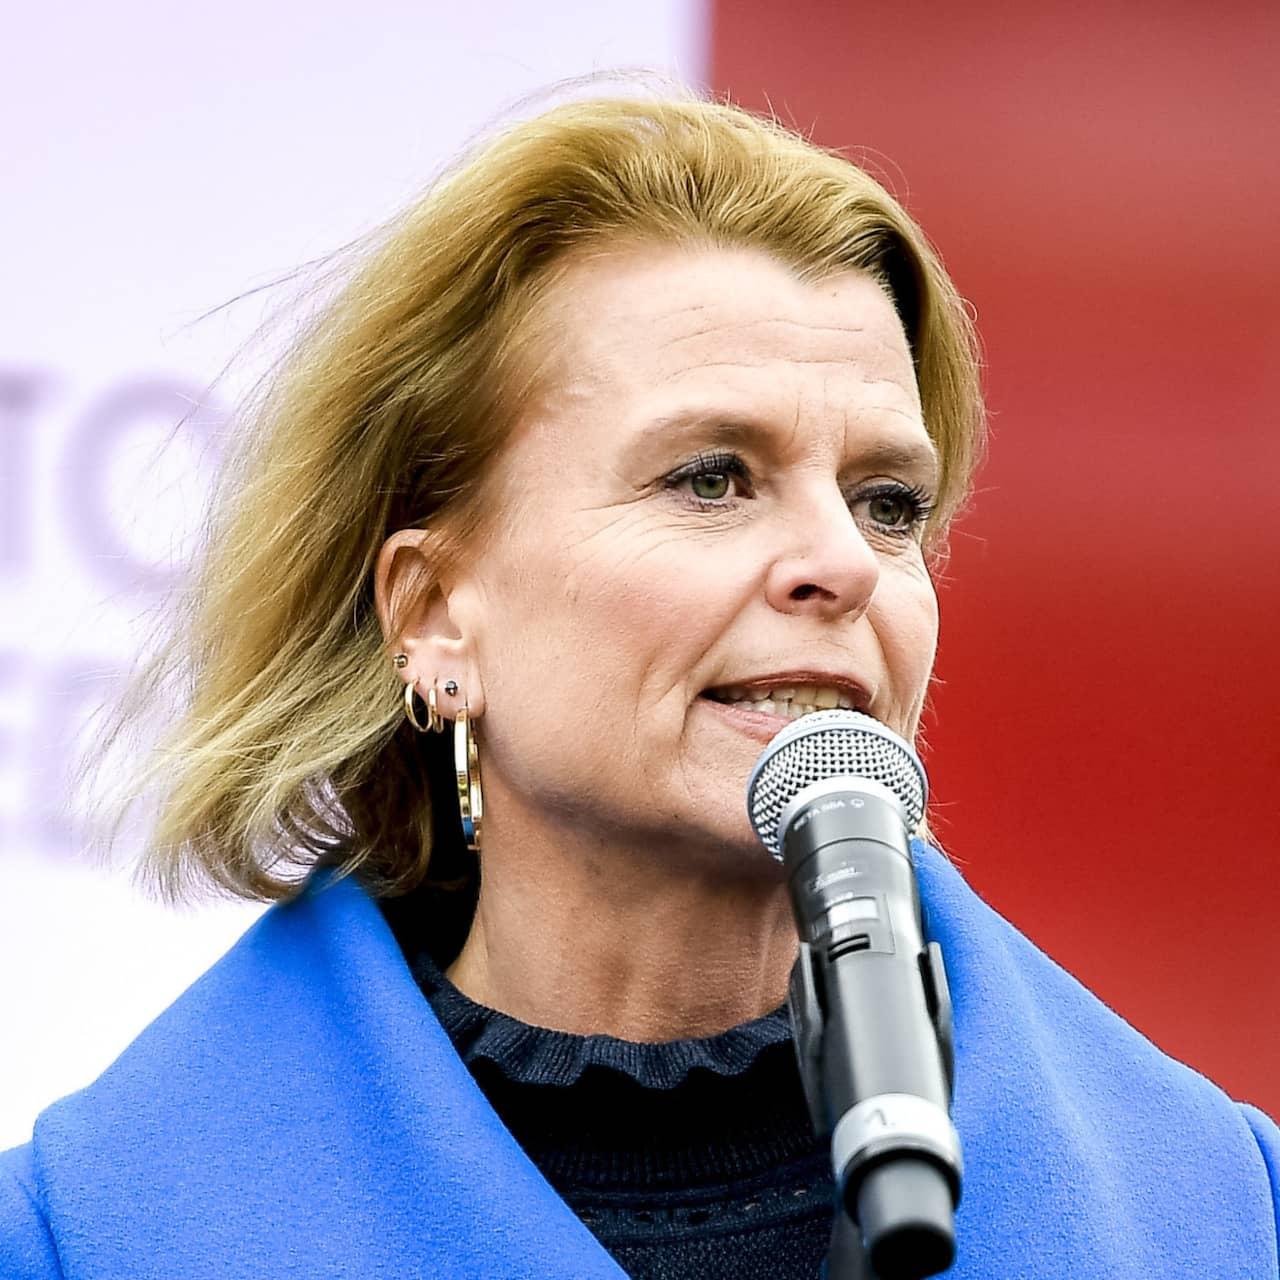 35. Åsa Regnér